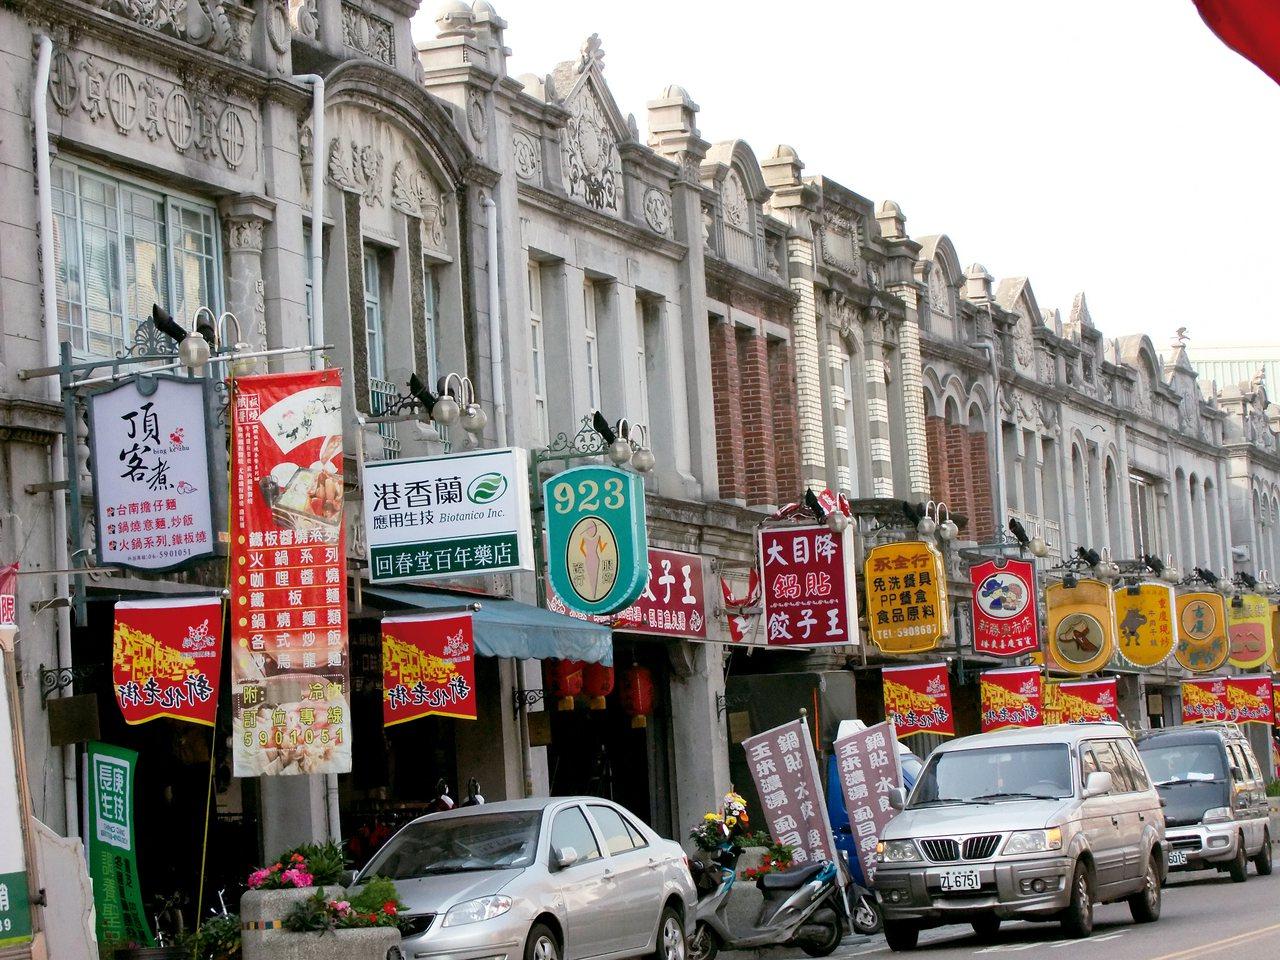 新化老街日式巴洛克風格建築及老商店。圖/西拉雅風管處提供 吳淑玲